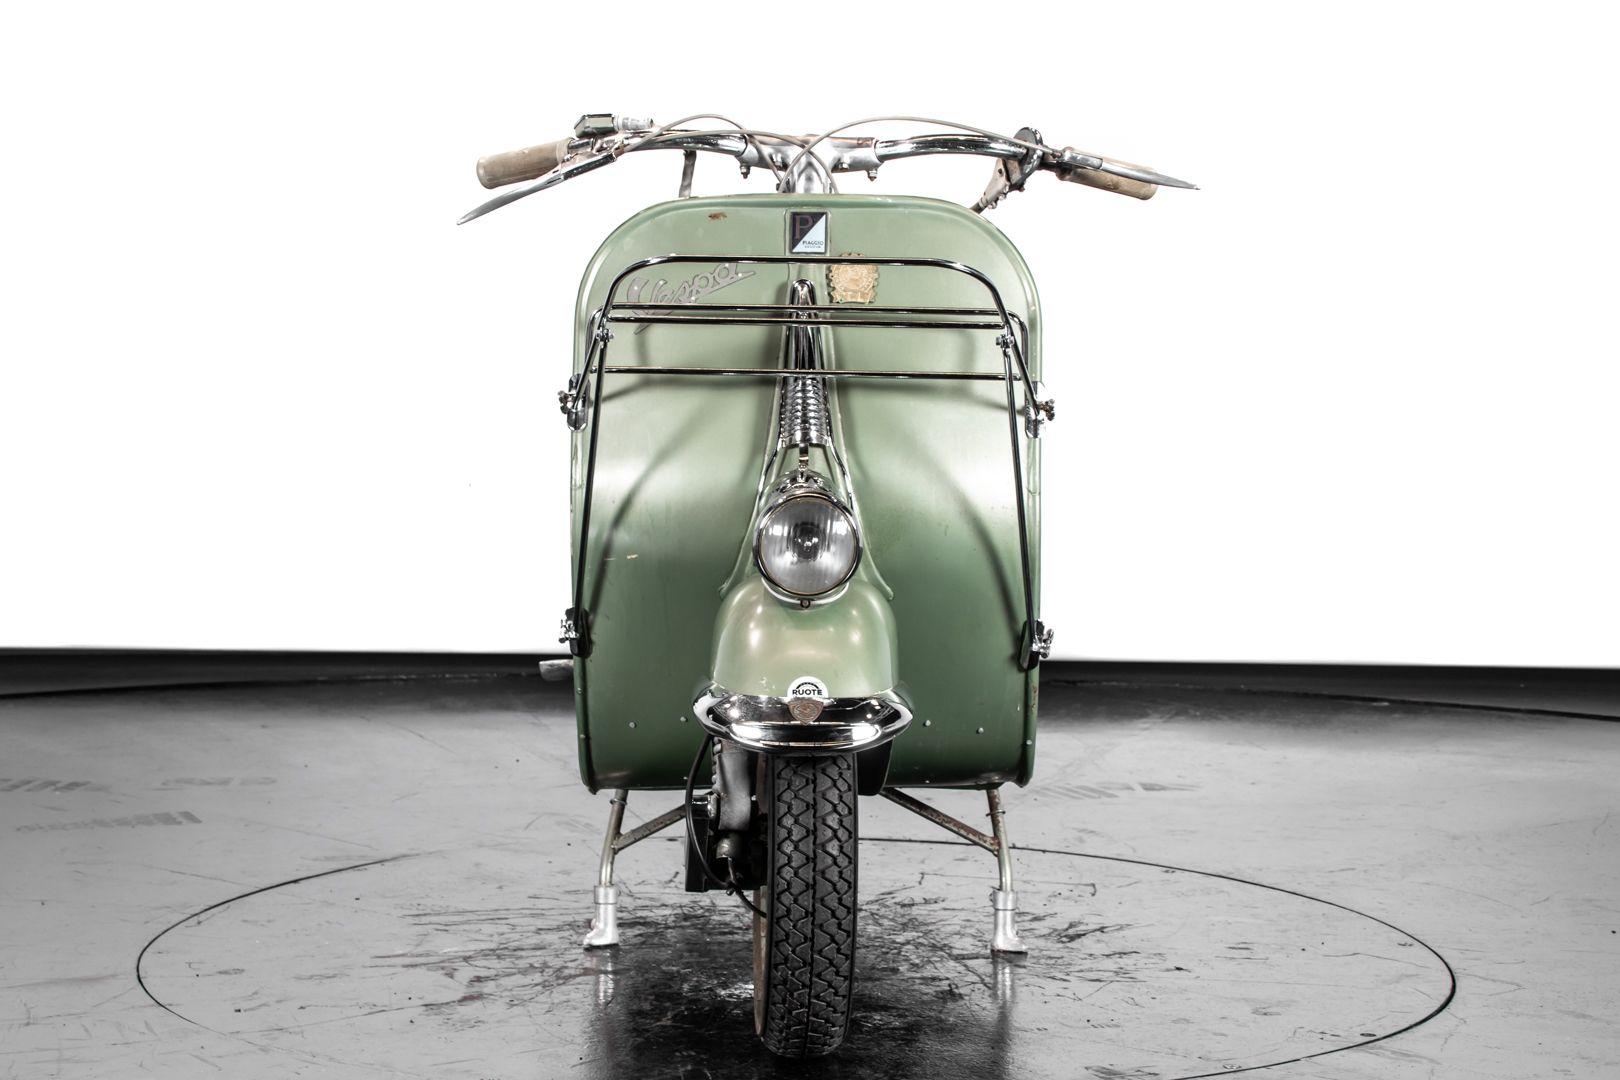 1951 Piaggio Vespa 125 51 V31 80366